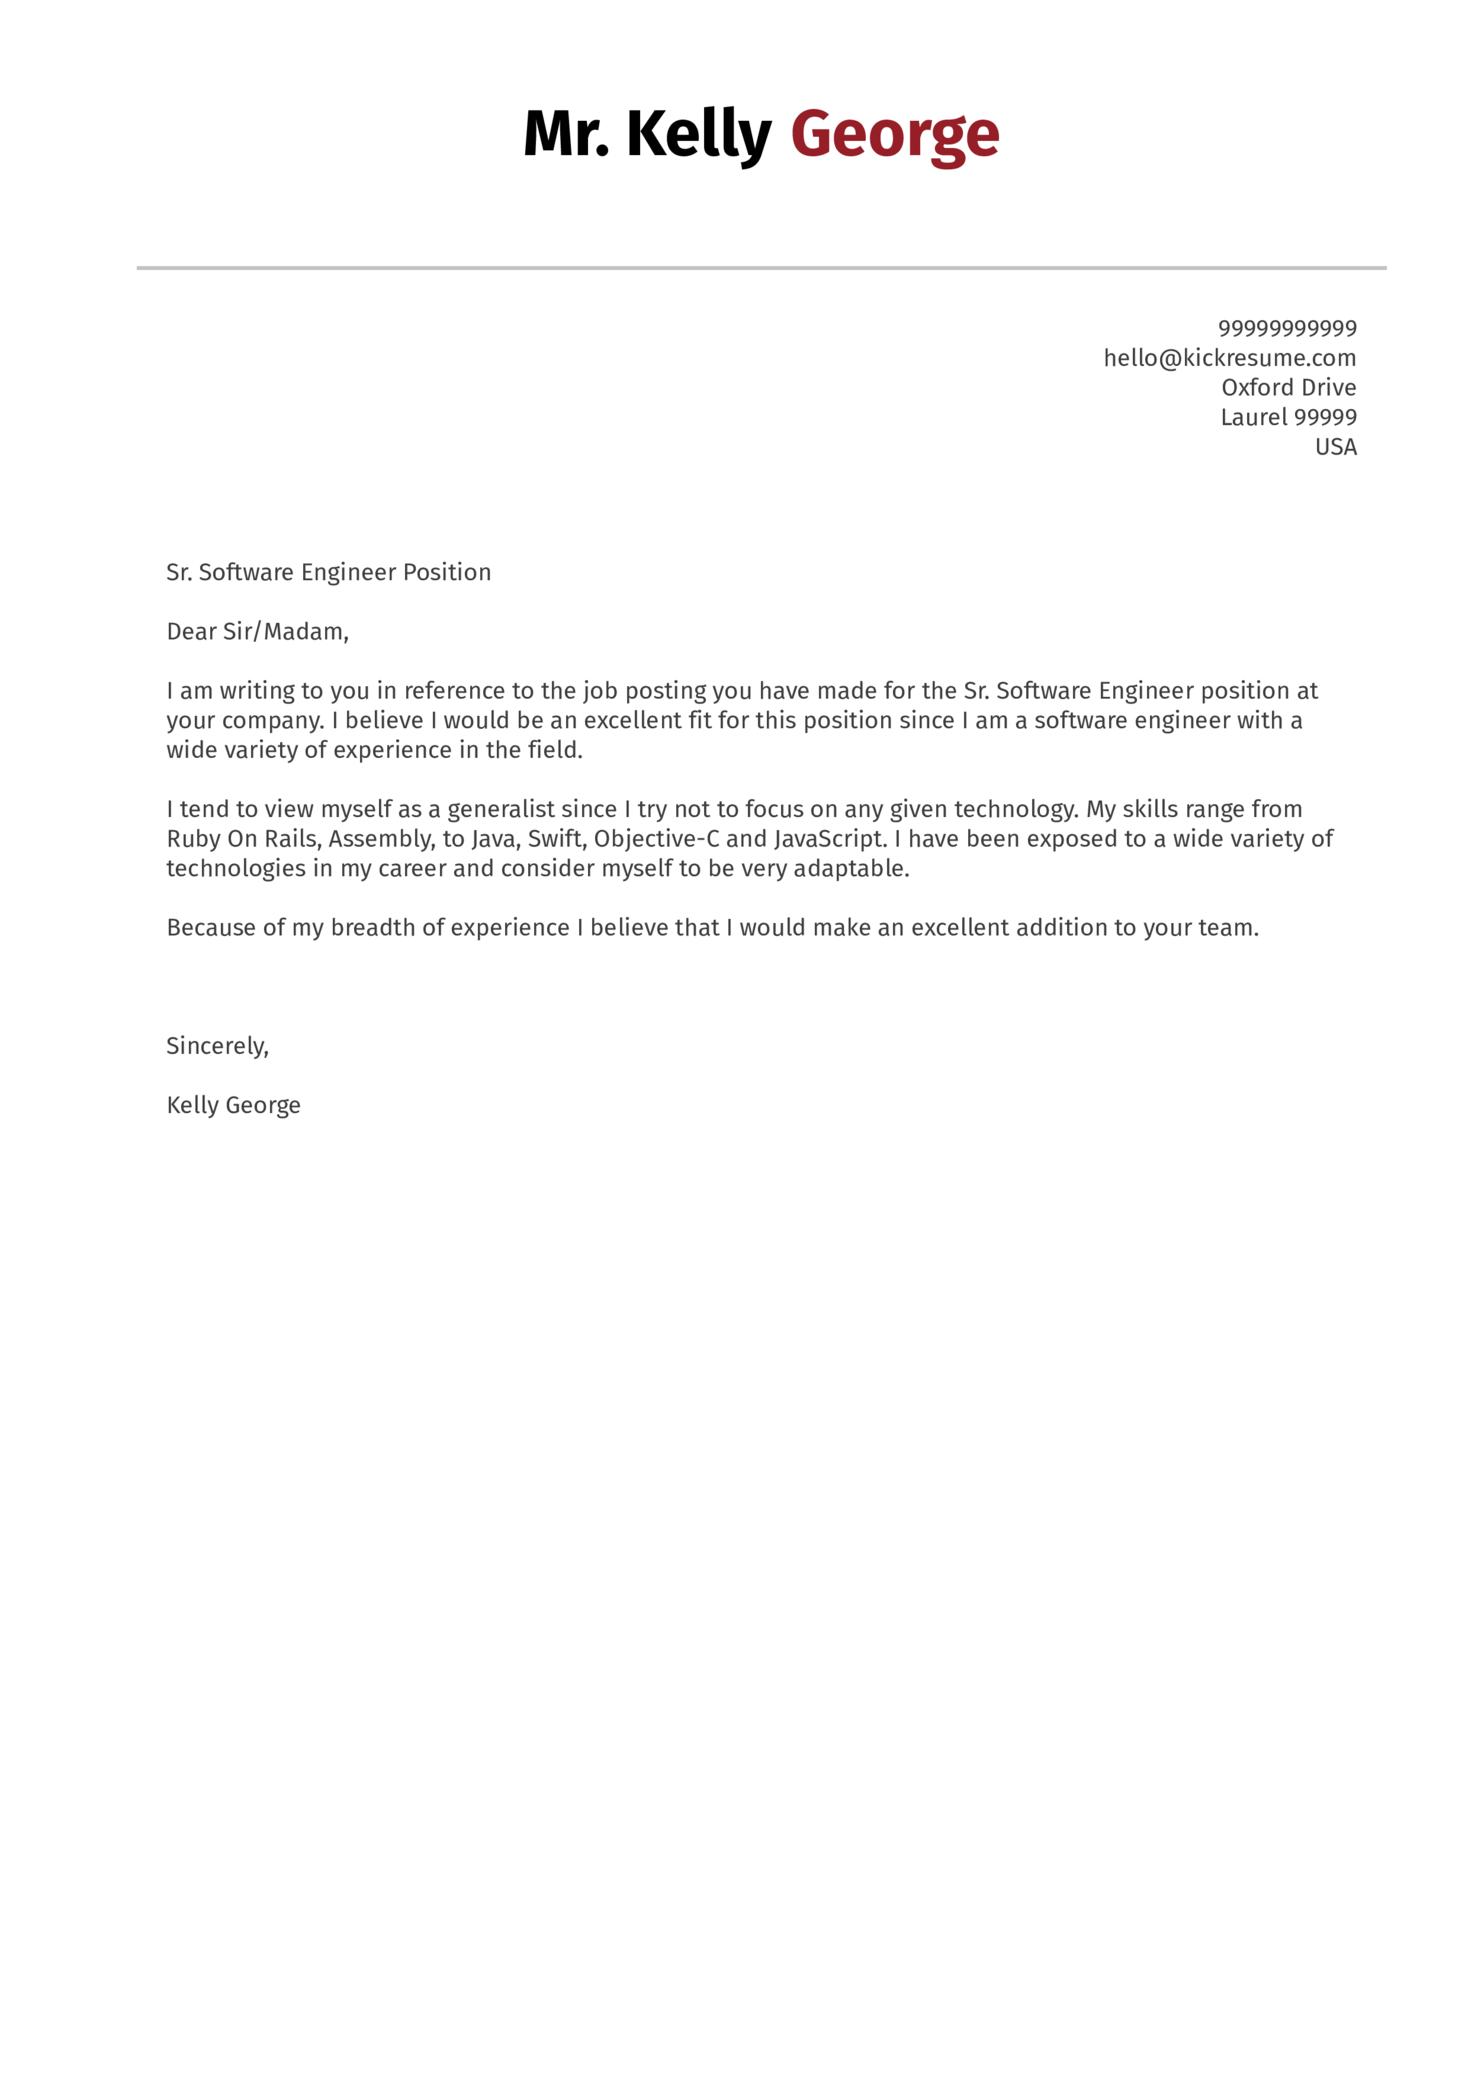 Senior Software Engineer Cover Letter Sample